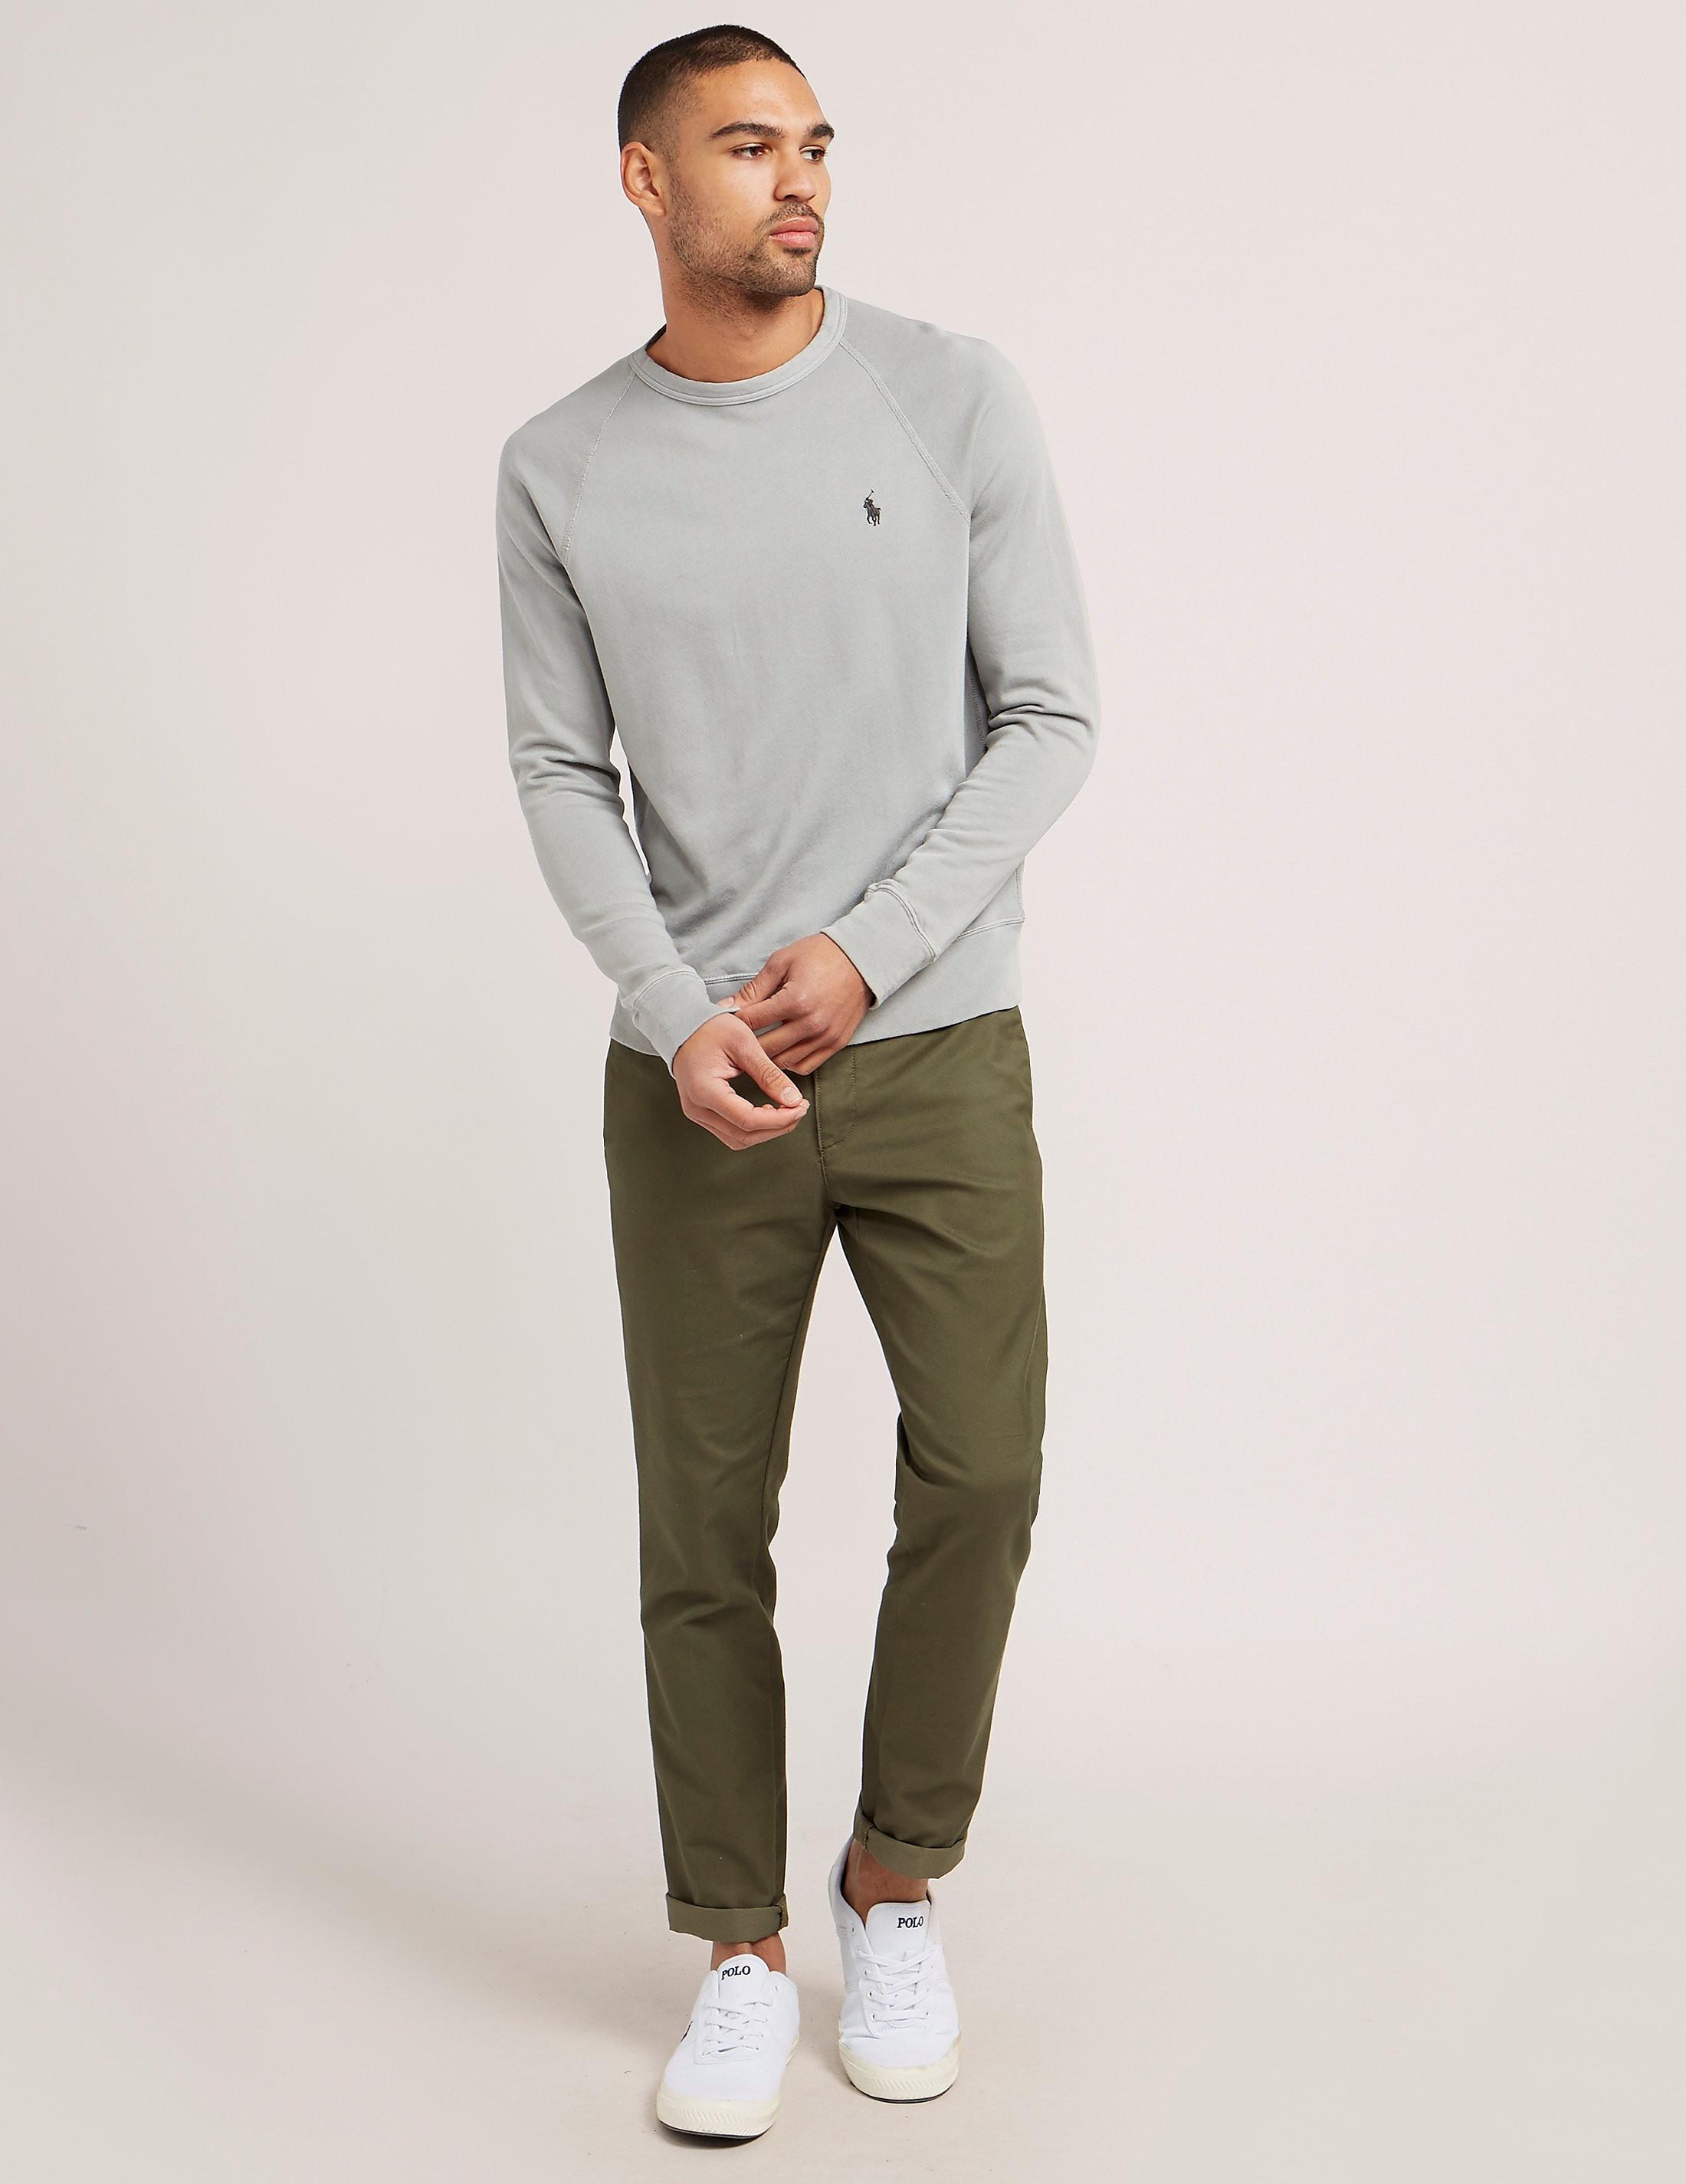 Polo Ralph Lauren Cotton Terry Sweatshirt